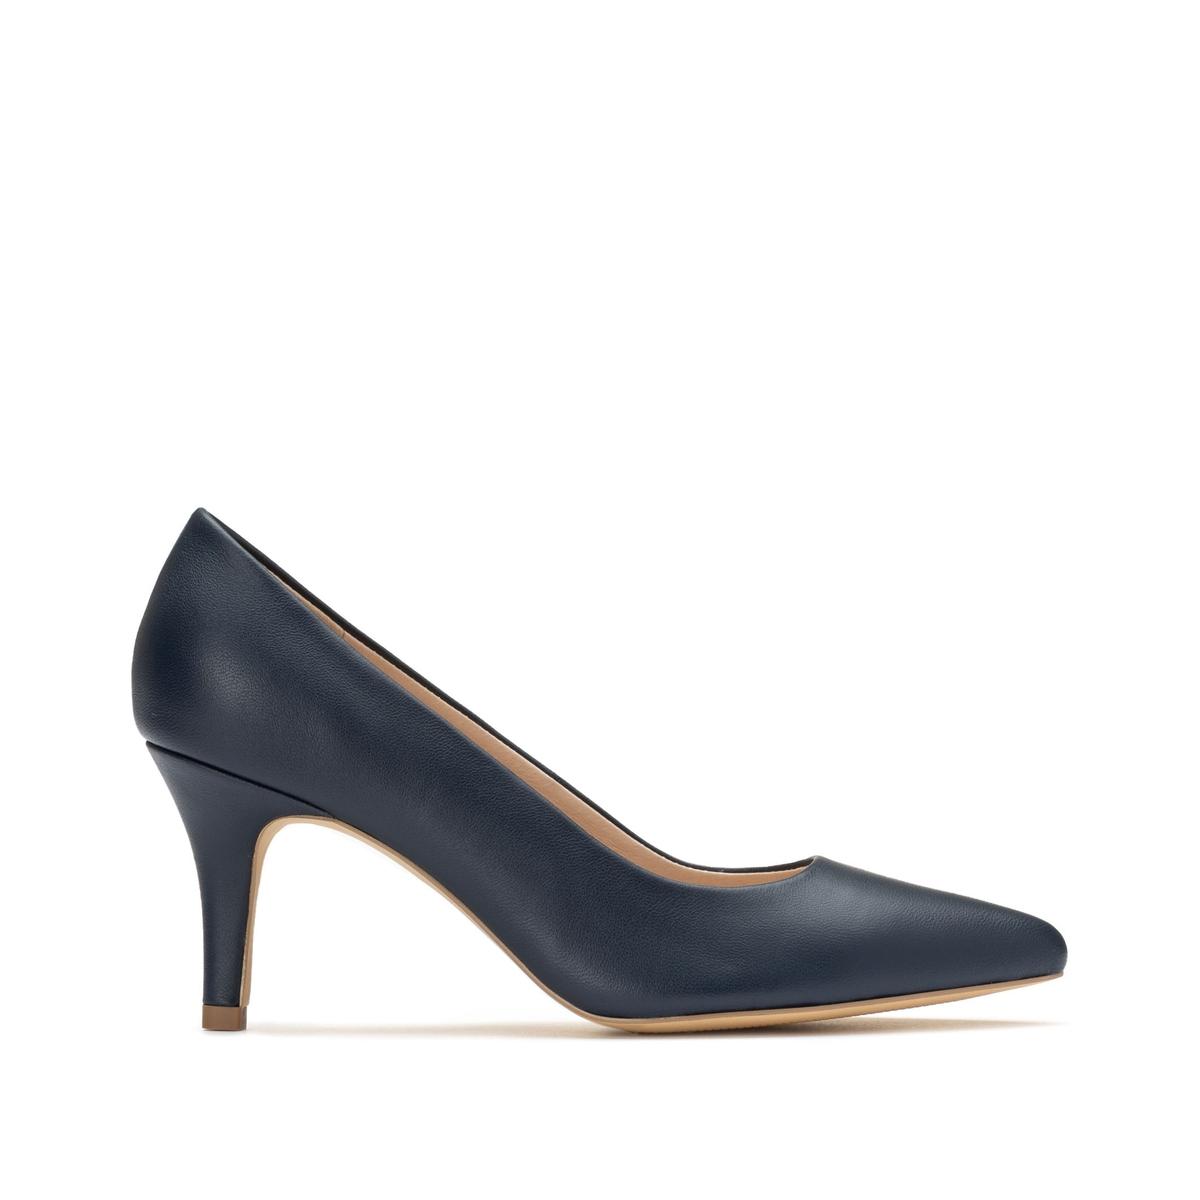 Фото - Туфли LaRedoute Кожаные на высоком каблуке 36 синий балетки la redoute кожаные на каблуке 36 розовый